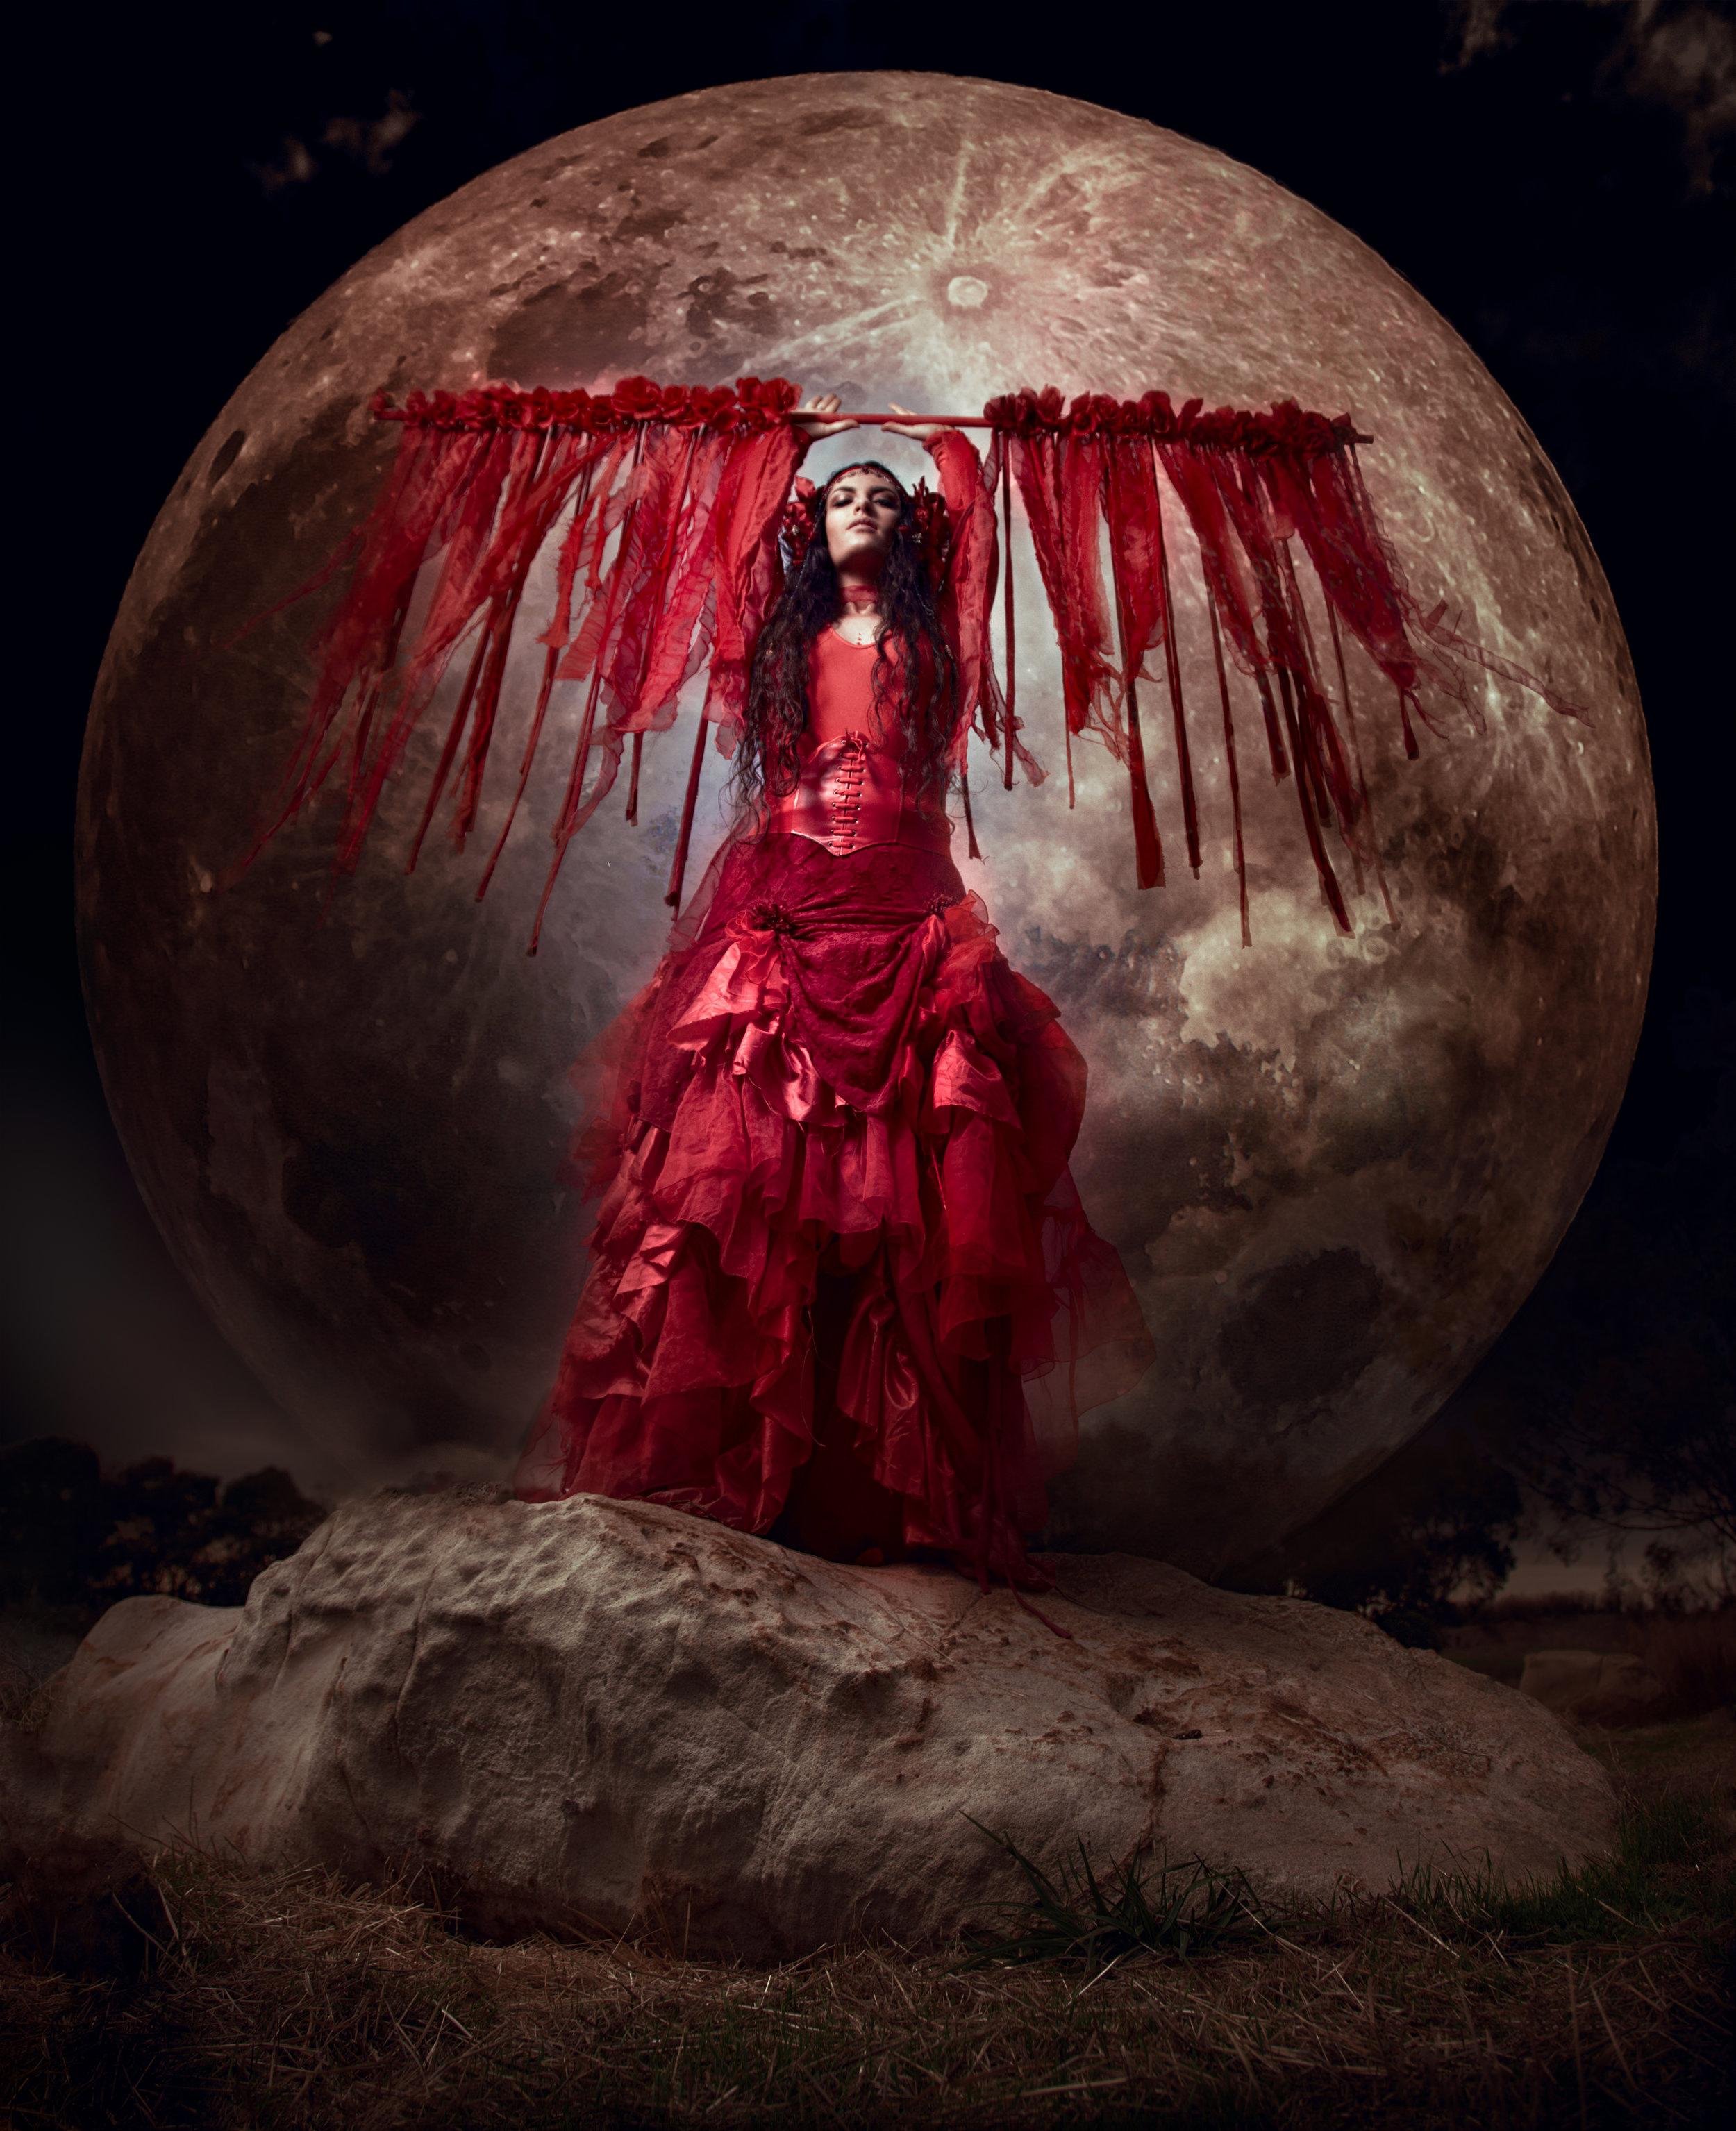 Marya_stark_scarlet_moon_eclipse_rose_blood_red_ruby_vajrayongini.jpg